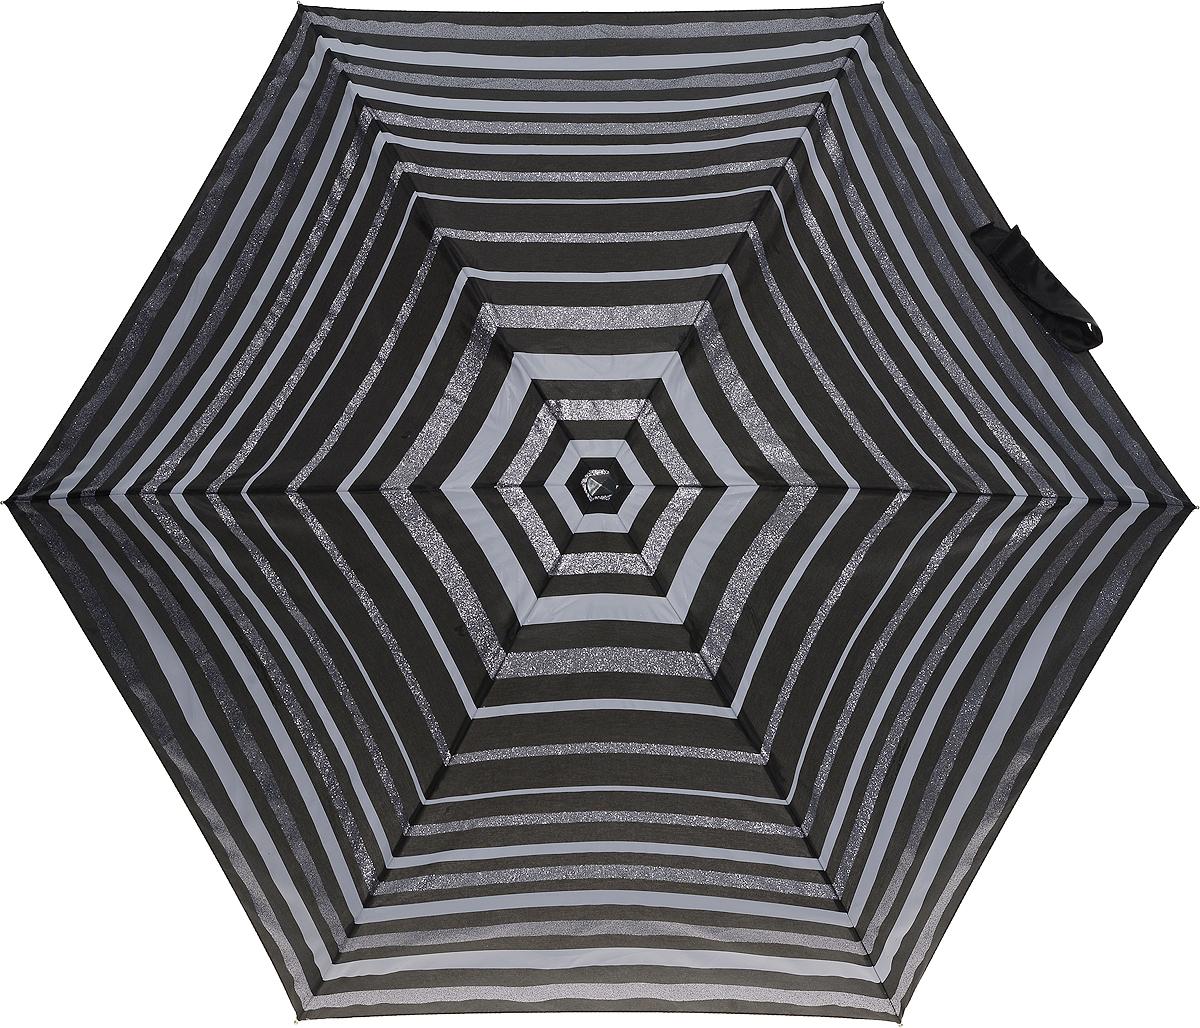 Зонт женский Fulton, механический, 5 сложений, цвет: черный, серый. L501-3273Пуссеты (гвоздики)Стильный механический зонт Fulton имеет 5 сложений, даже в ненастную погоду позволит вам оставаться стильной. Легкий, но в тоже время прочный алюминиевый каркас состоит из шести спиц с элементами из фибергласса. Купол зонта выполнен из прочного полиэстера с водоотталкивающей пропиткой. Рукоятка закругленной формы, разработанная с учетом требований эргономики, выполнена из каучука. Зонт имеет механический способ сложения: и купол, и стержень открываются и закрываются вручную до характерного щелчка.